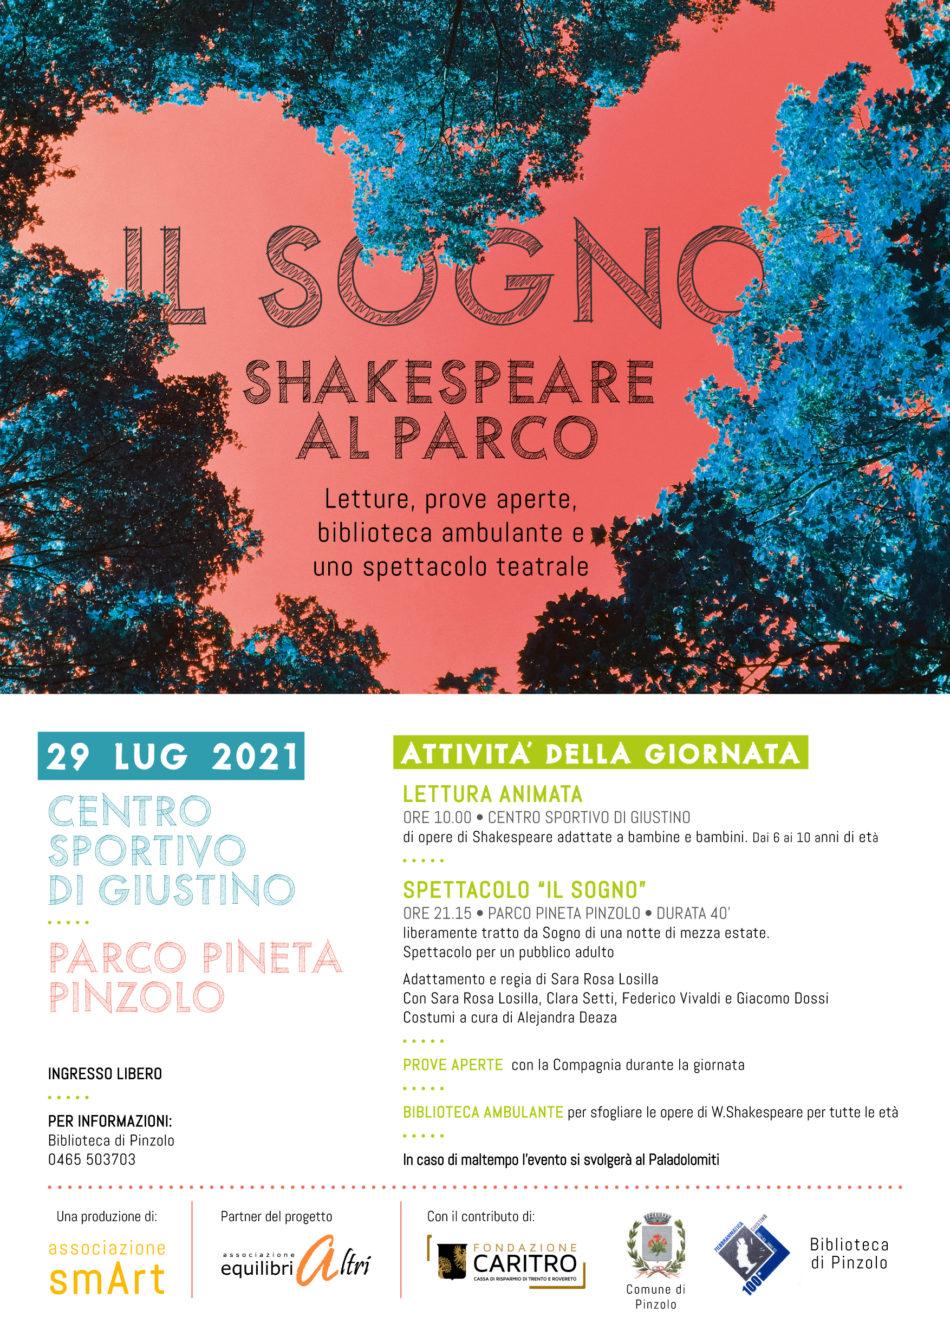 IL SOGNO: Shakespeare al parco